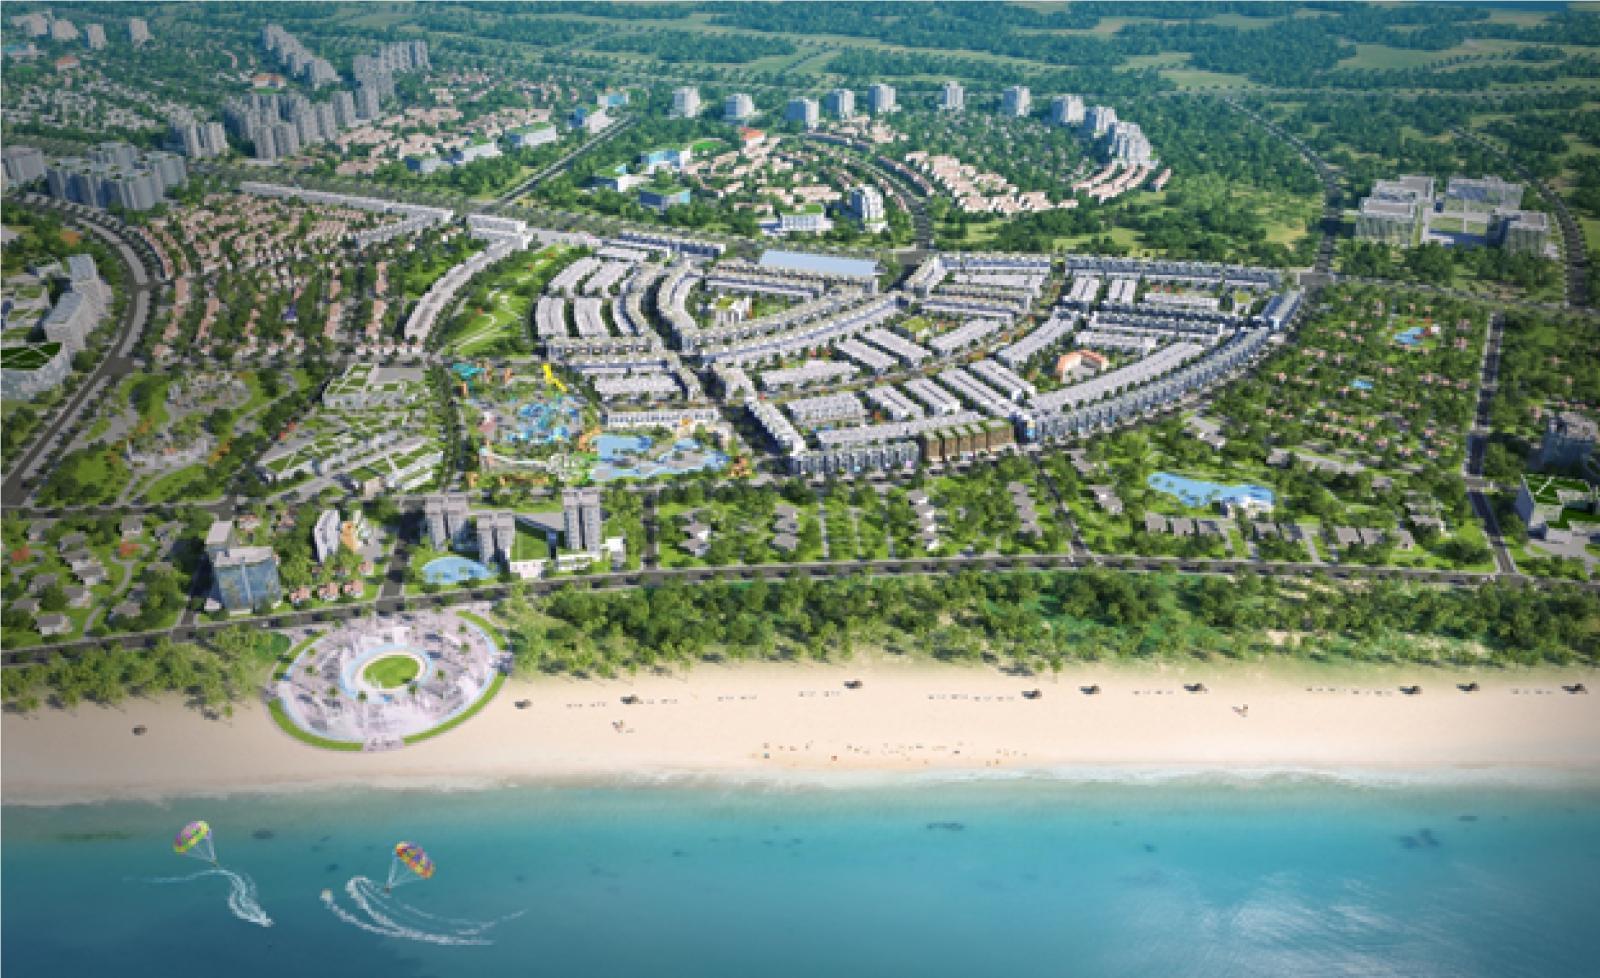 Phối cảnh dự án bất động sản nằm sát biển, xen kẽ là nhiều cây xanh